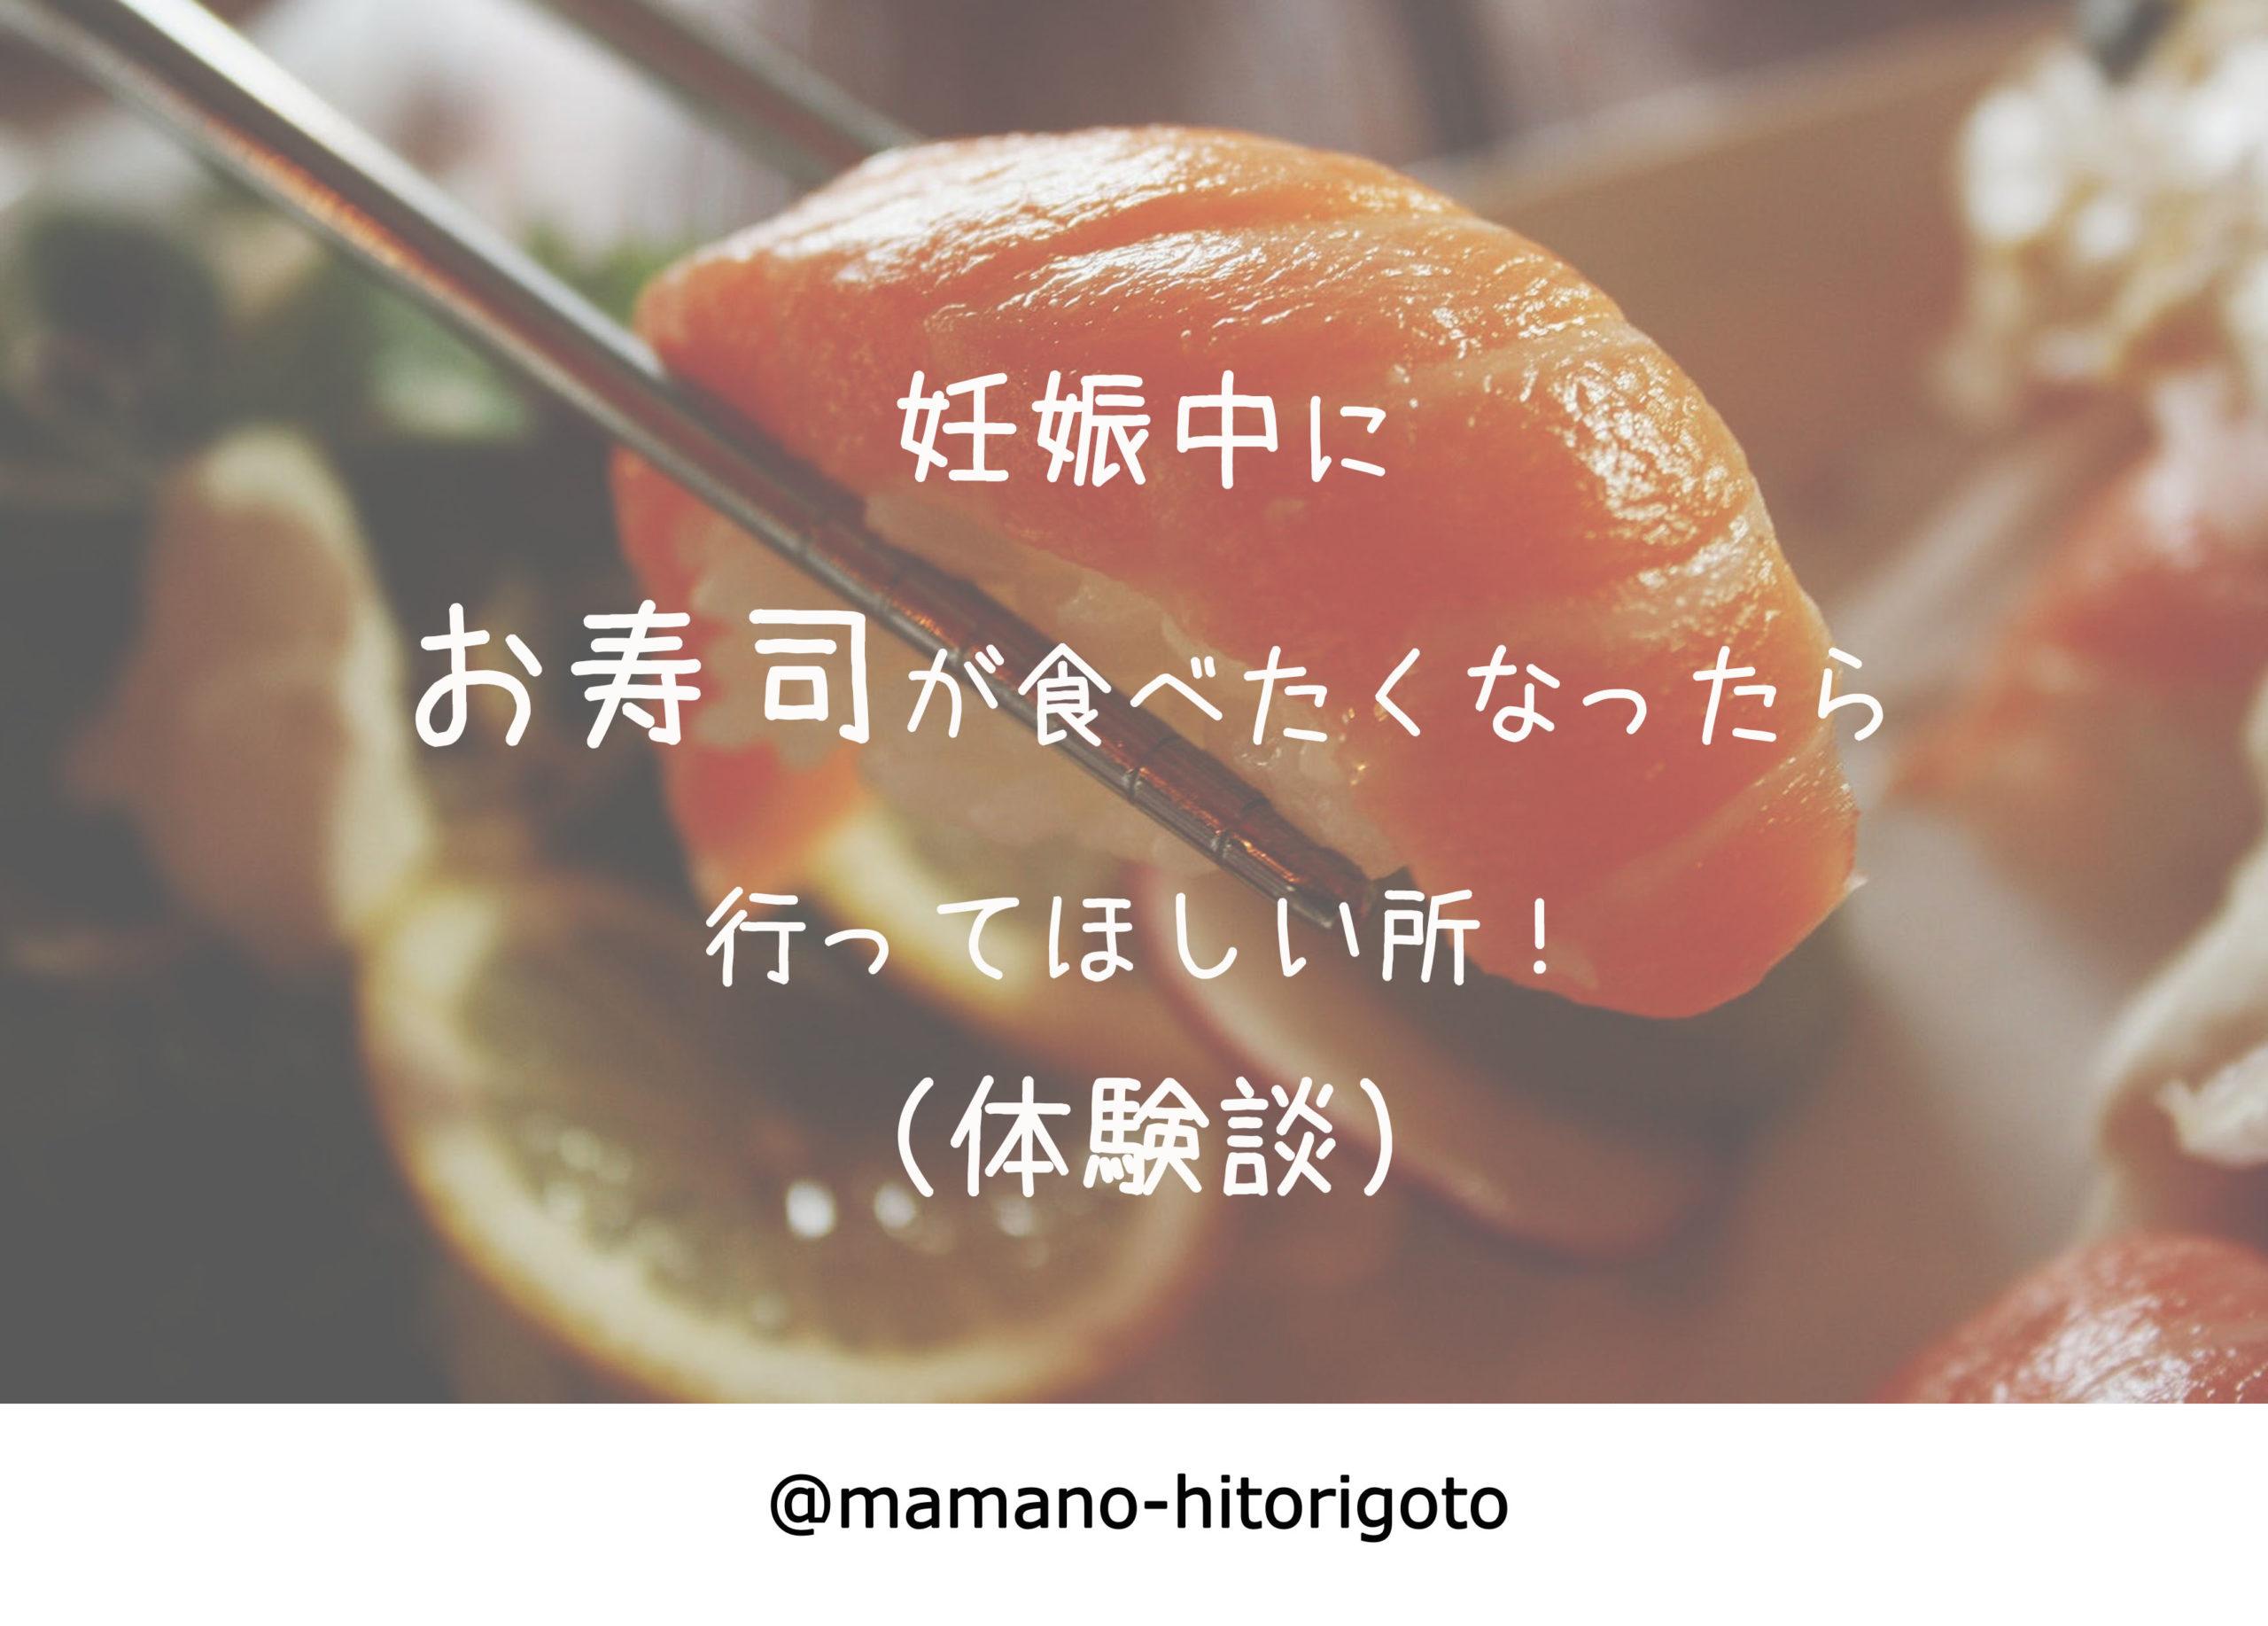 妊娠中にお寿司が食べたくなったら行ってほしい所!(体験談)